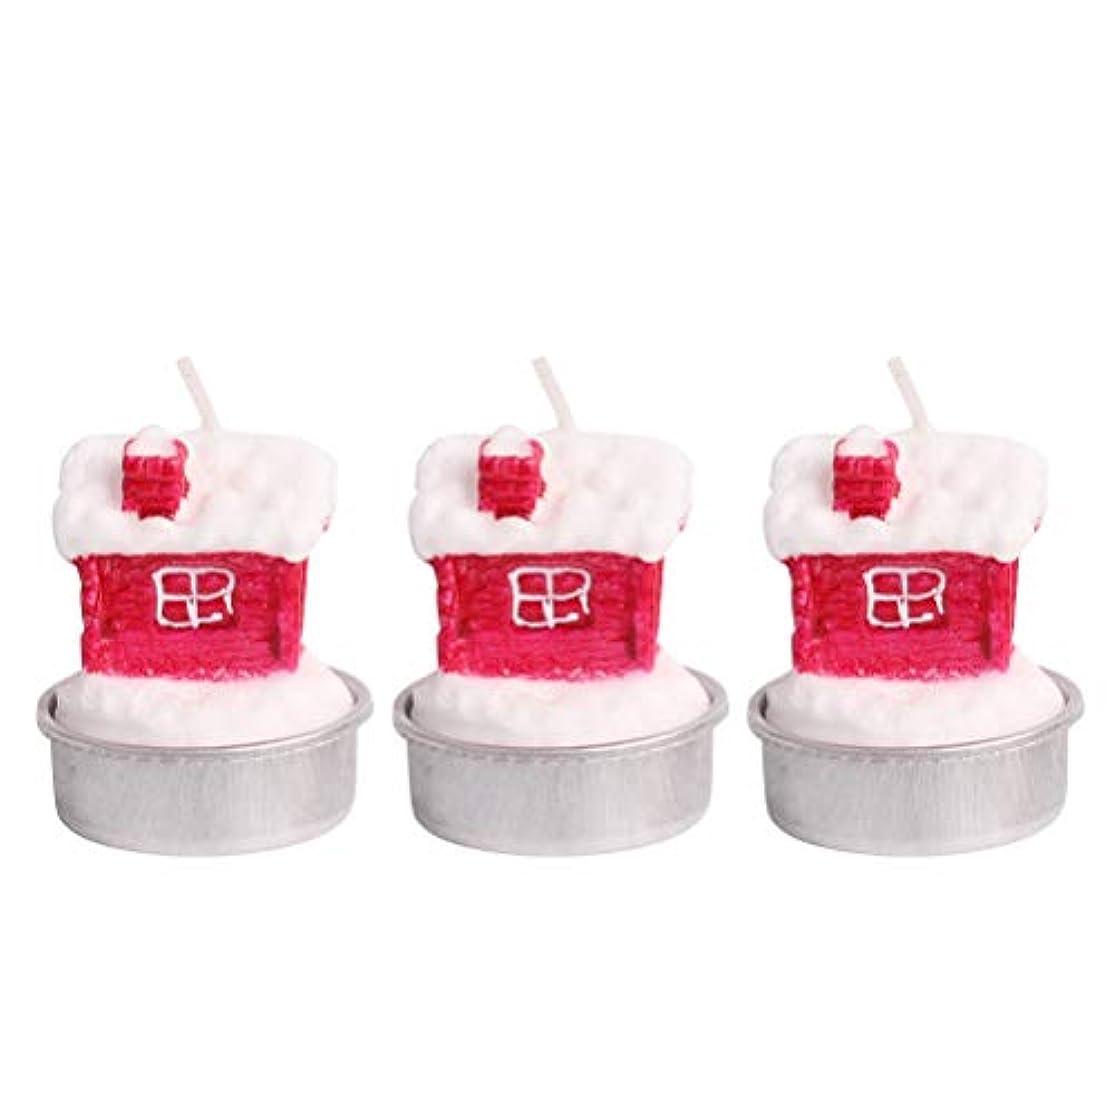 国内の開拓者権限BESTOYARD ホルダー付きクリスマスキャンドルクリスマスハウステーブルデコレーション装飾品